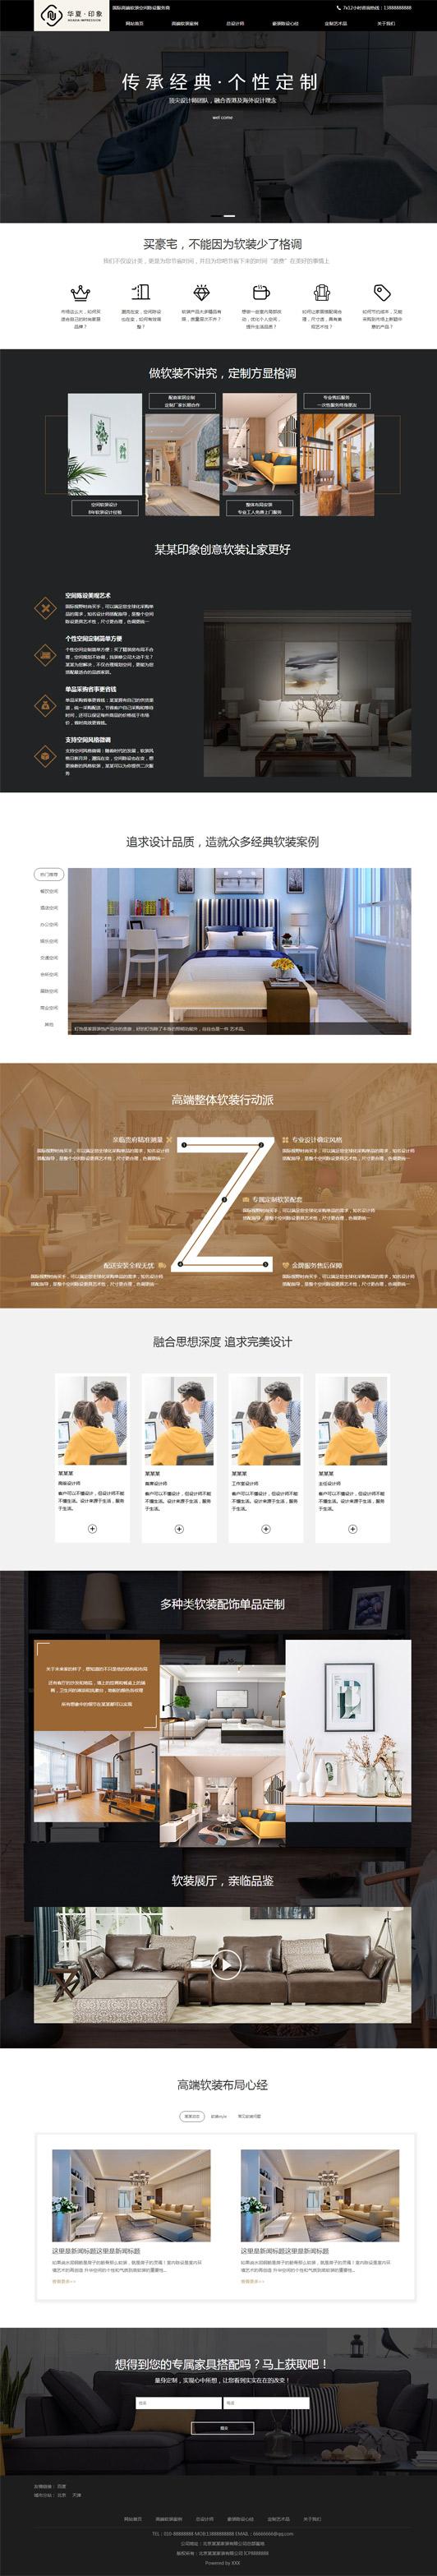 高端软装空间陈设公司网站响应式模板